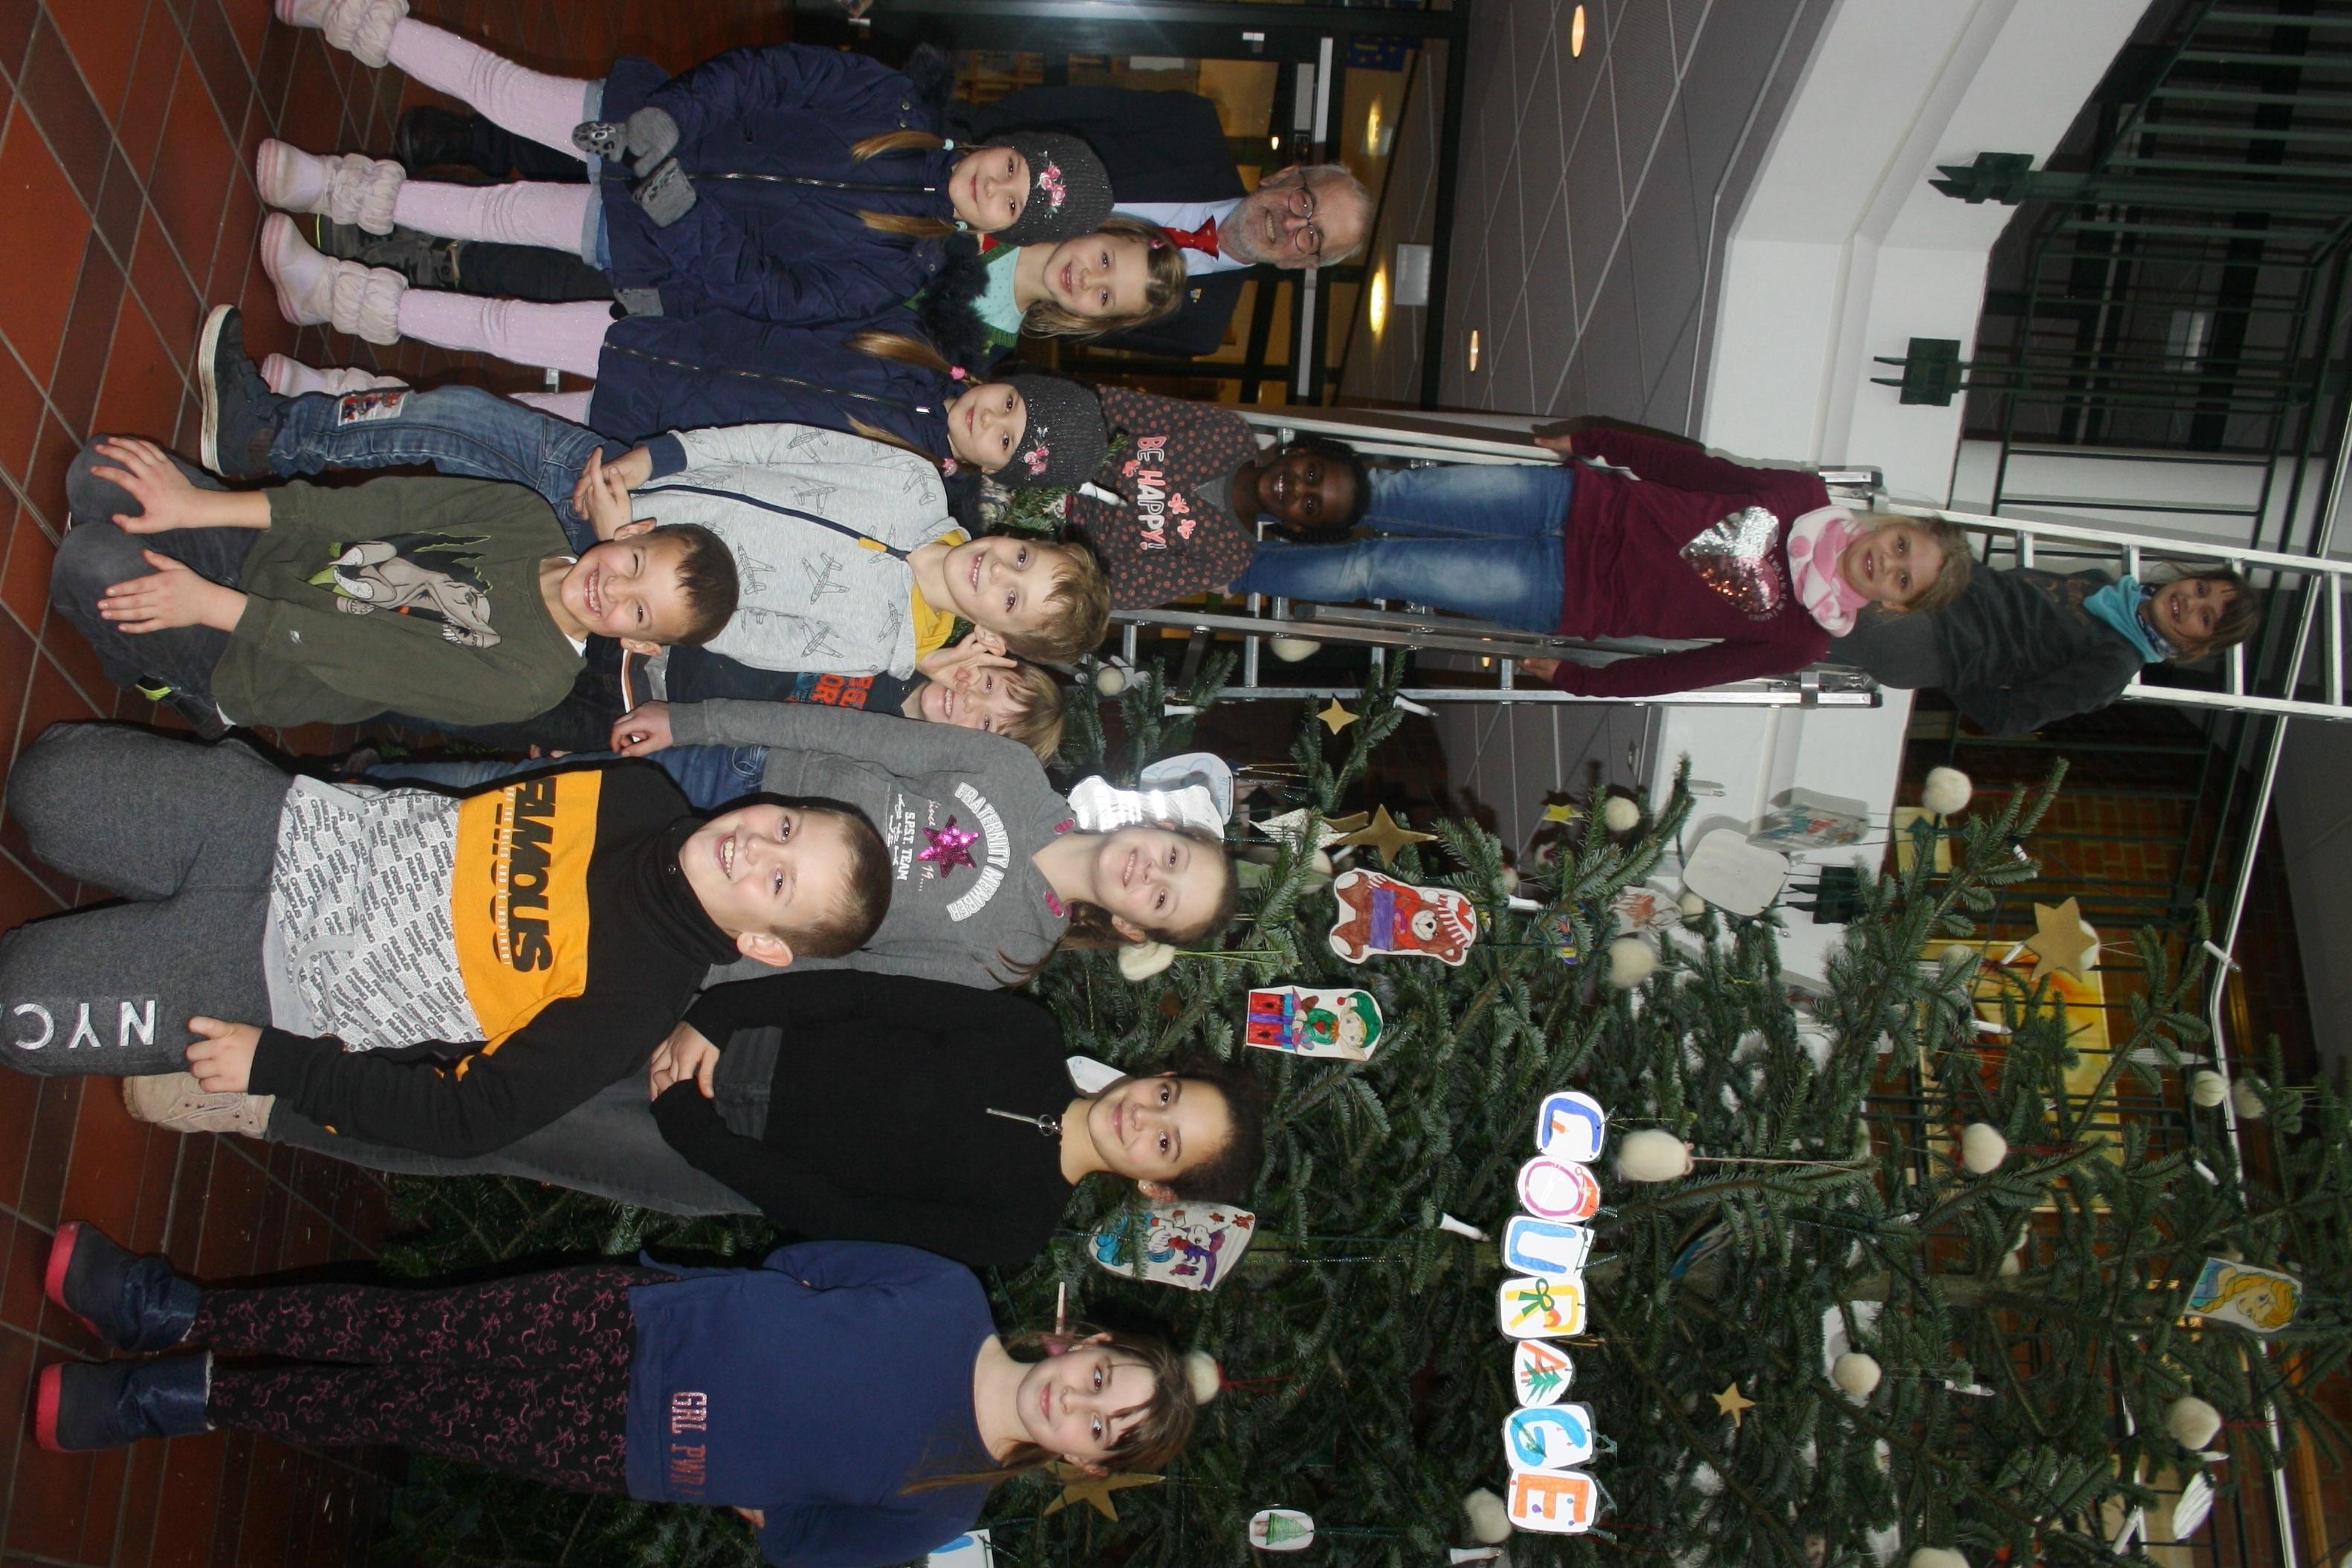 Gemeinde neu Wulmstorf -Weihnachtsbaumschmücken mit den Kindern des Pädagogischen Mittagstisches im Mehrgenerationenhaus Courage